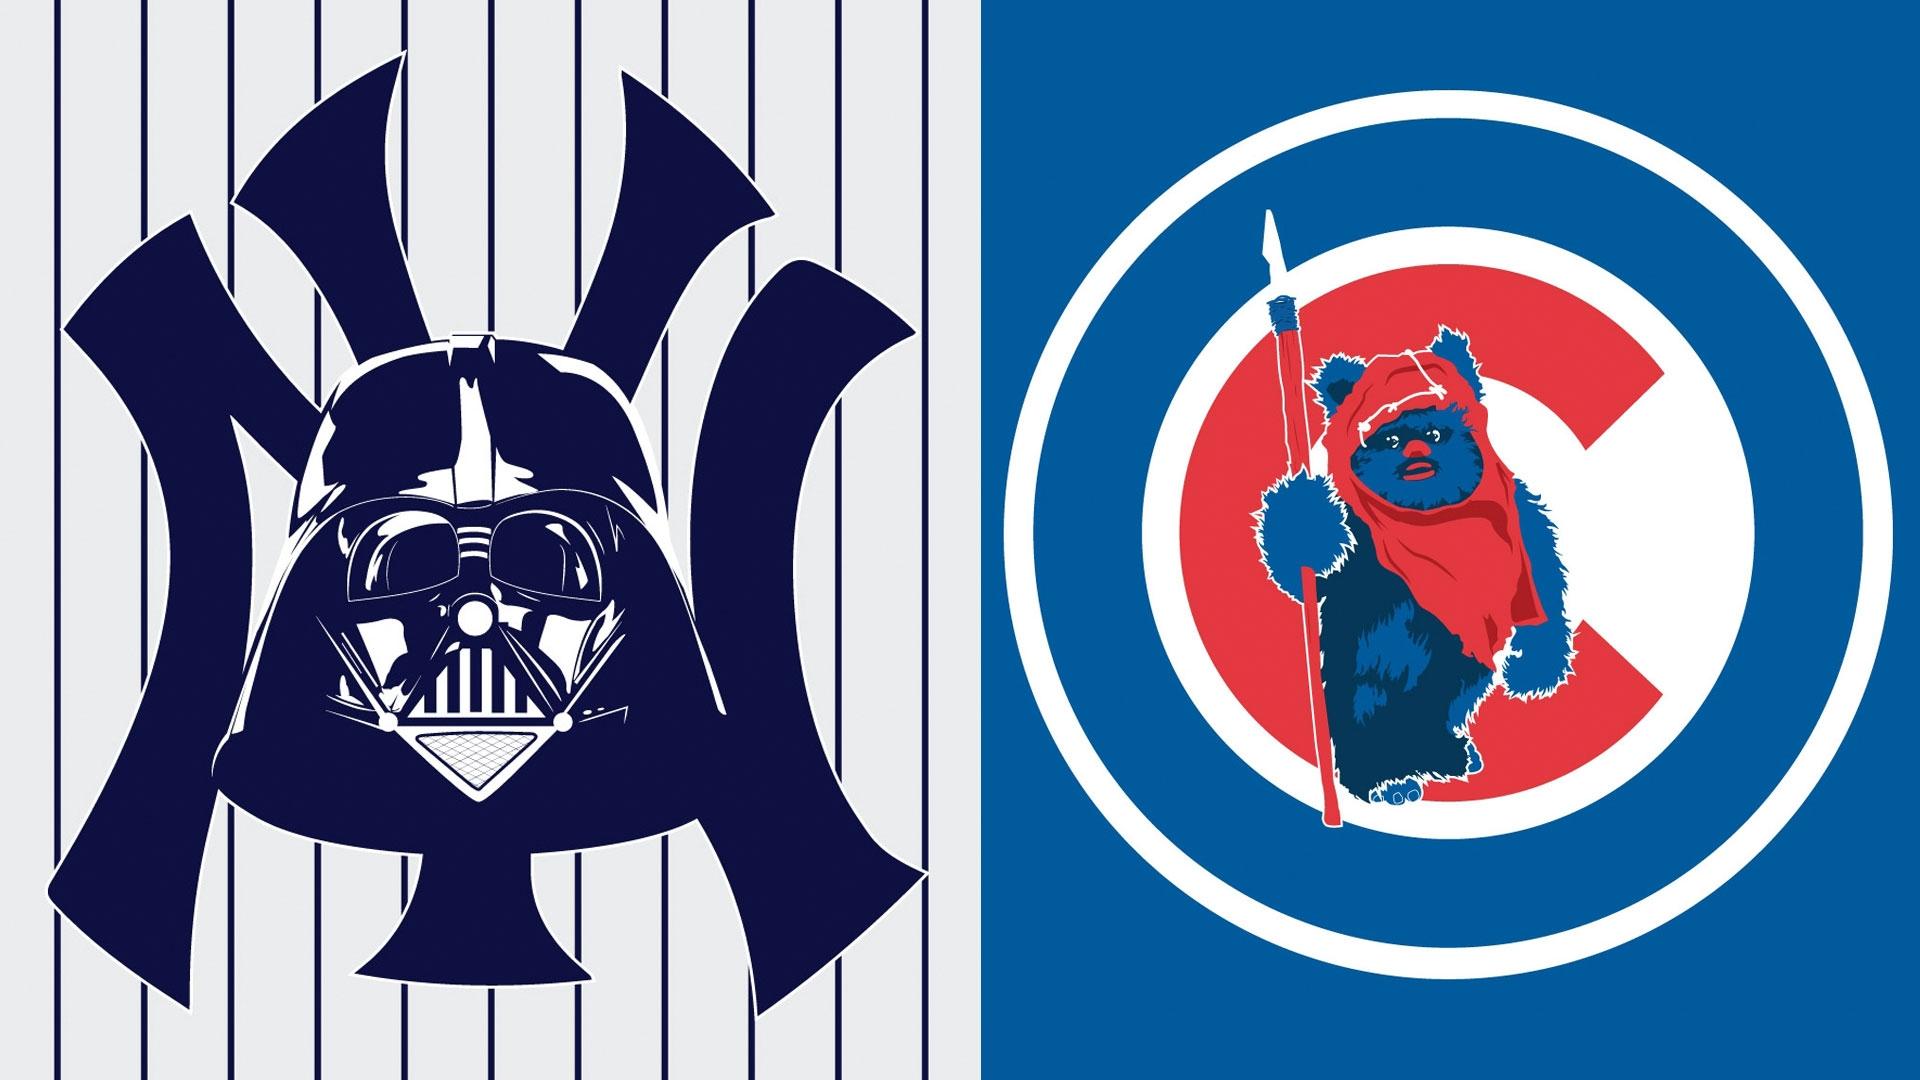 MLB x Star Wars | Sporting News